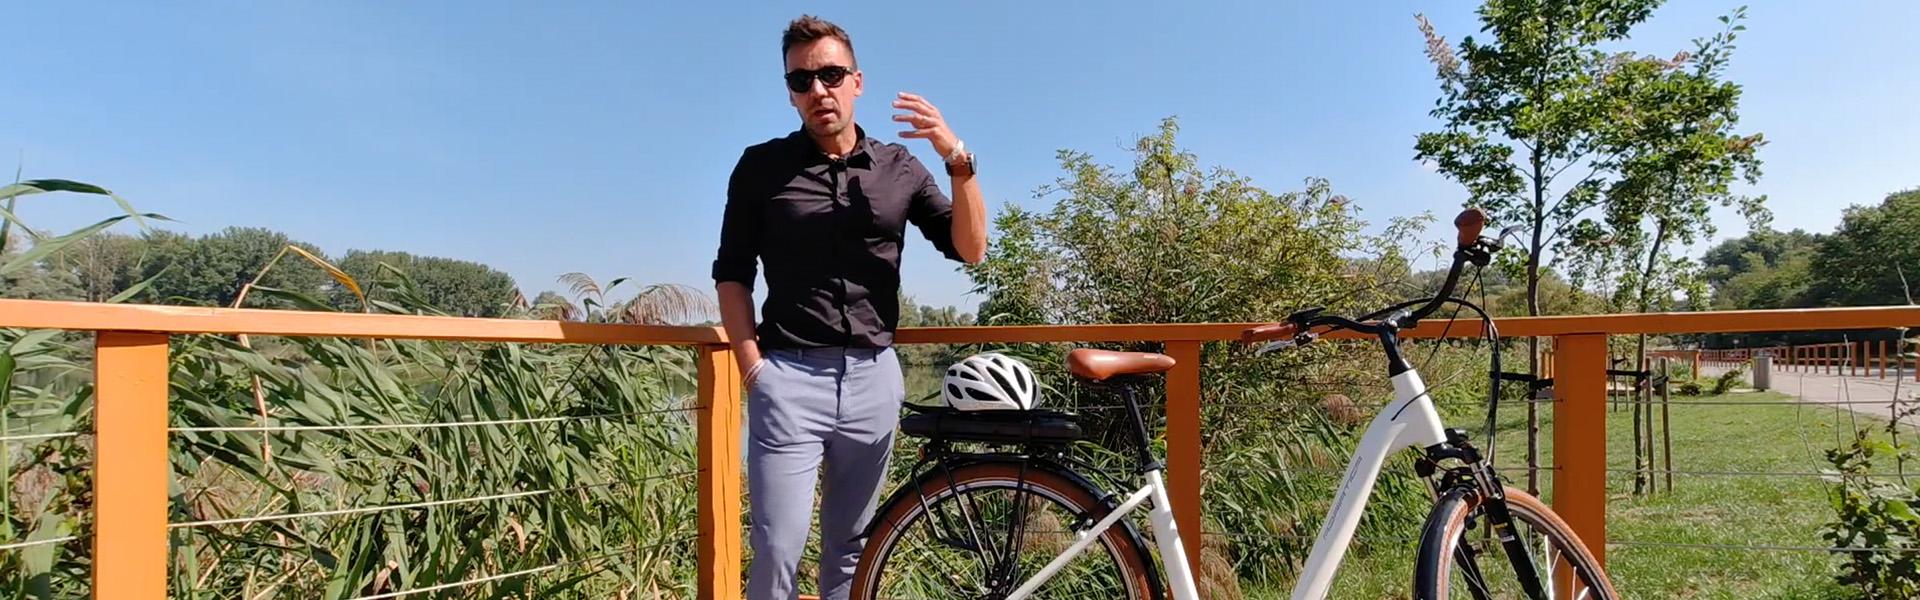 Ilyen szépet, ennyiért!? Adriatica New Age E-bike pedelec városi kerékpár